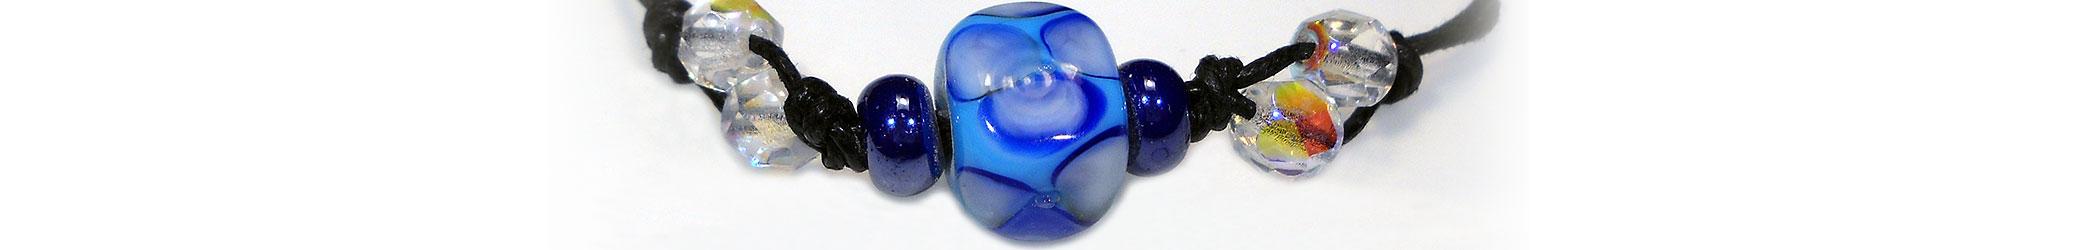 Coloratissimi Braccialetti in vetro di Murano con diverse lavorazioni